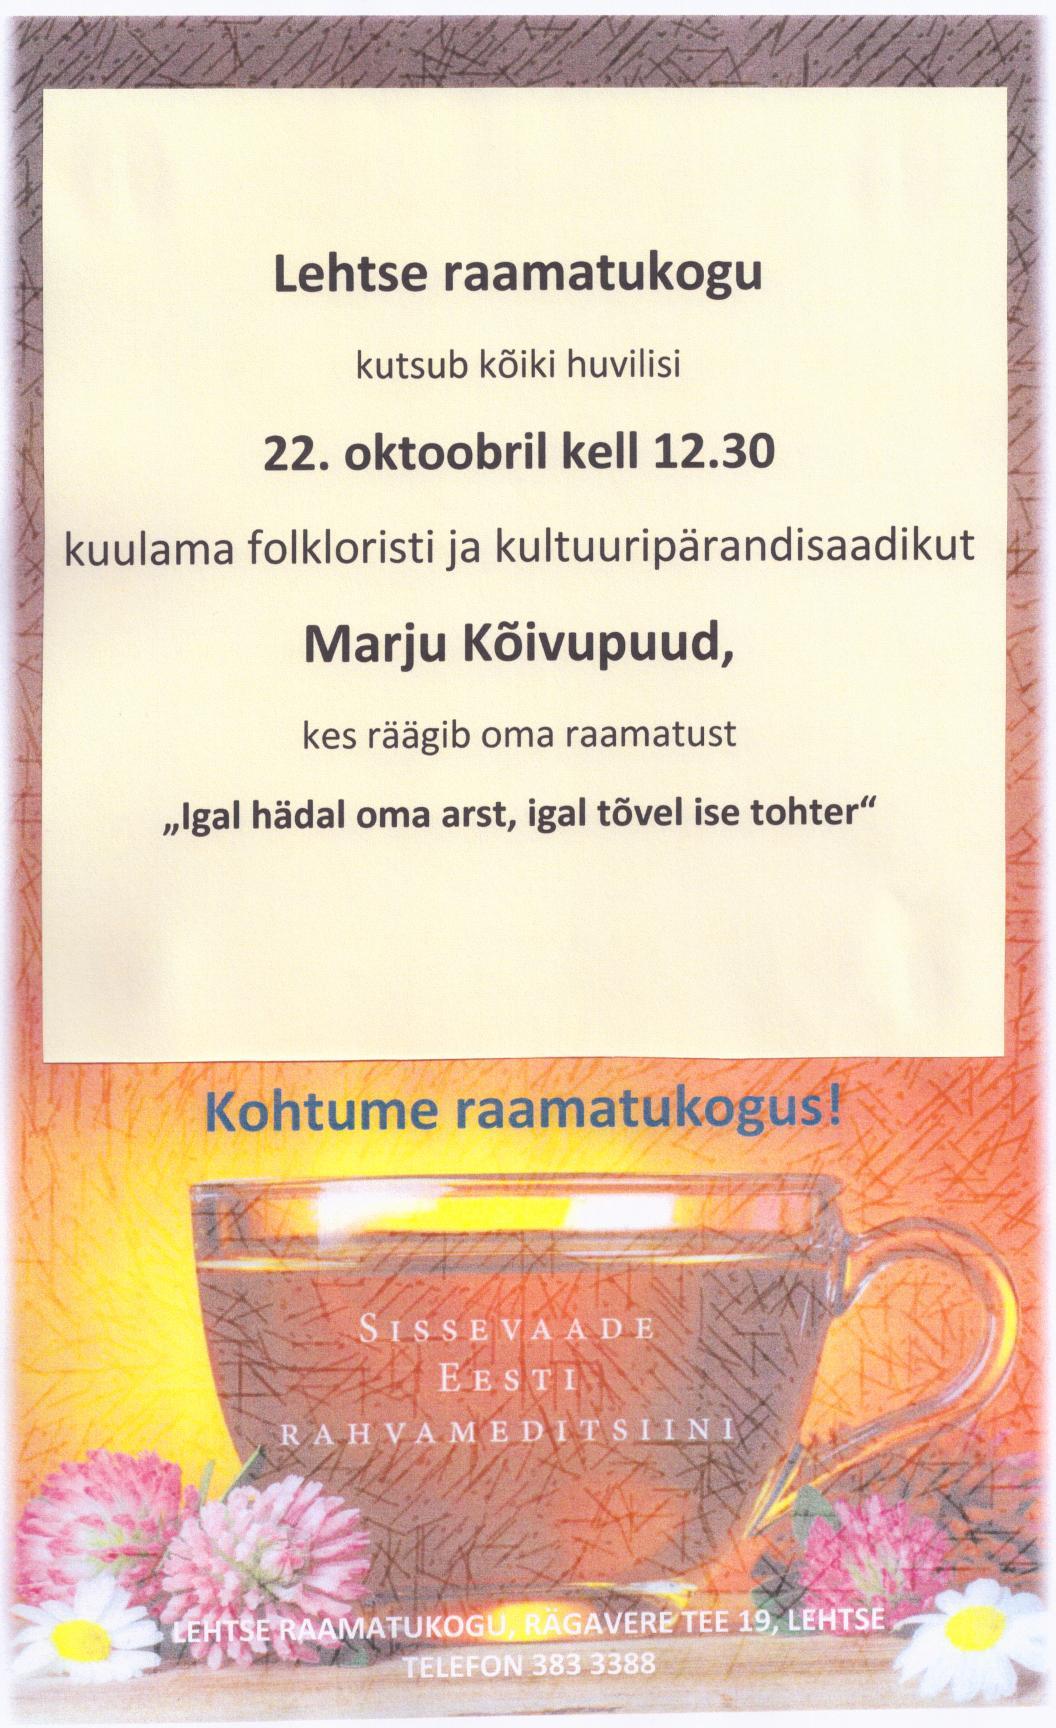 Kohtumine folkloristi ja kultuuripärandisaadiku Marju Kõivupuuga